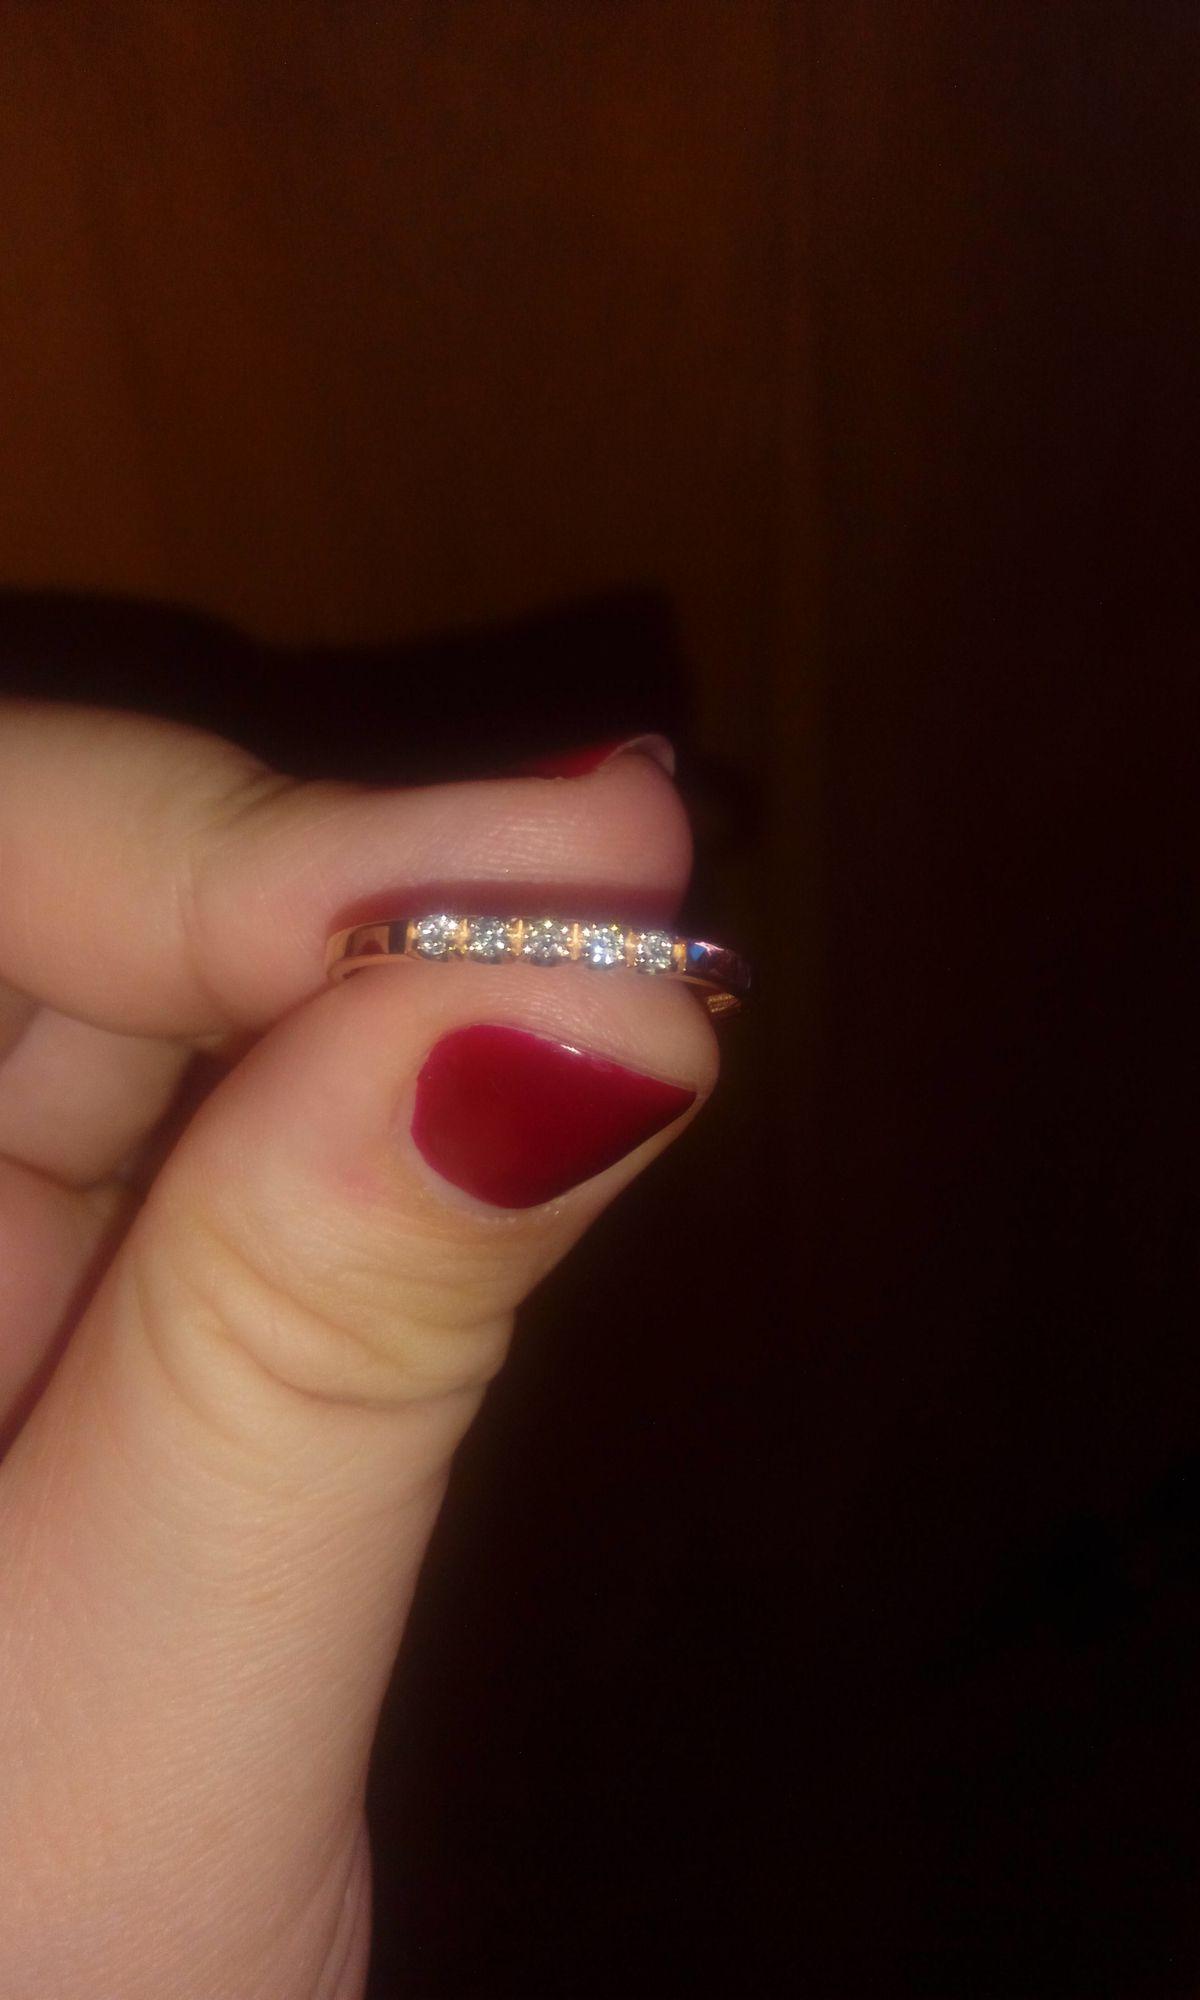 Шедевральное кольцо!!!